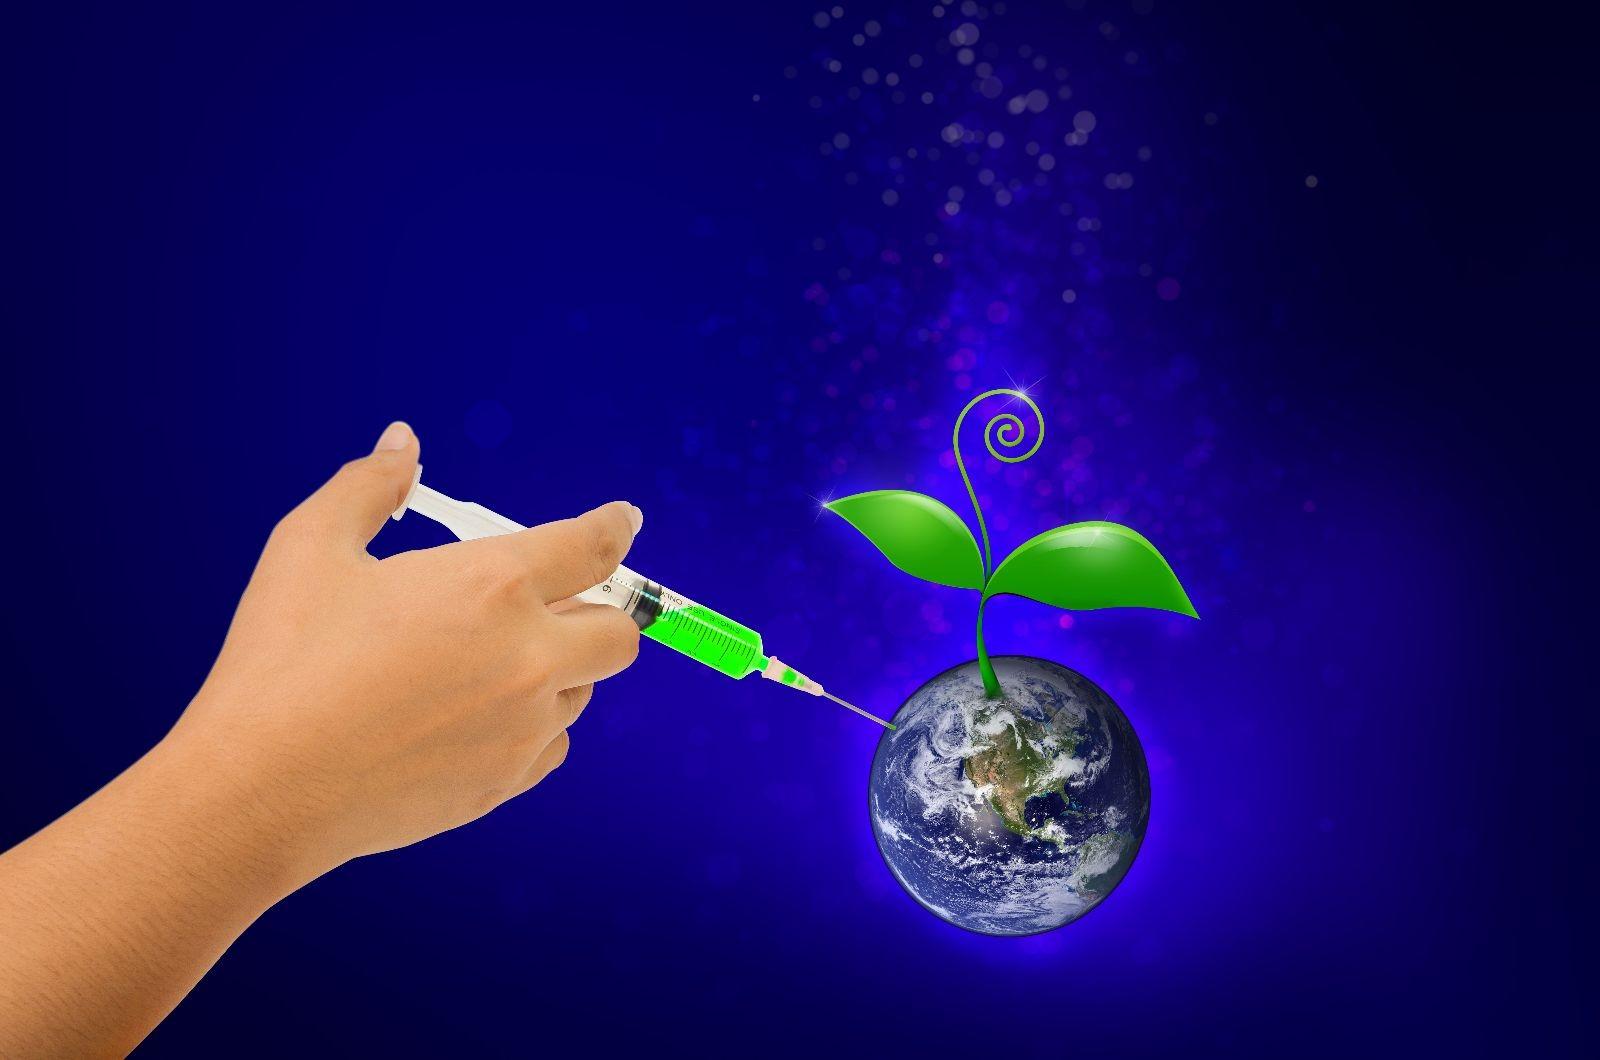 acercamiento de mano aplicando inyección a un mundo